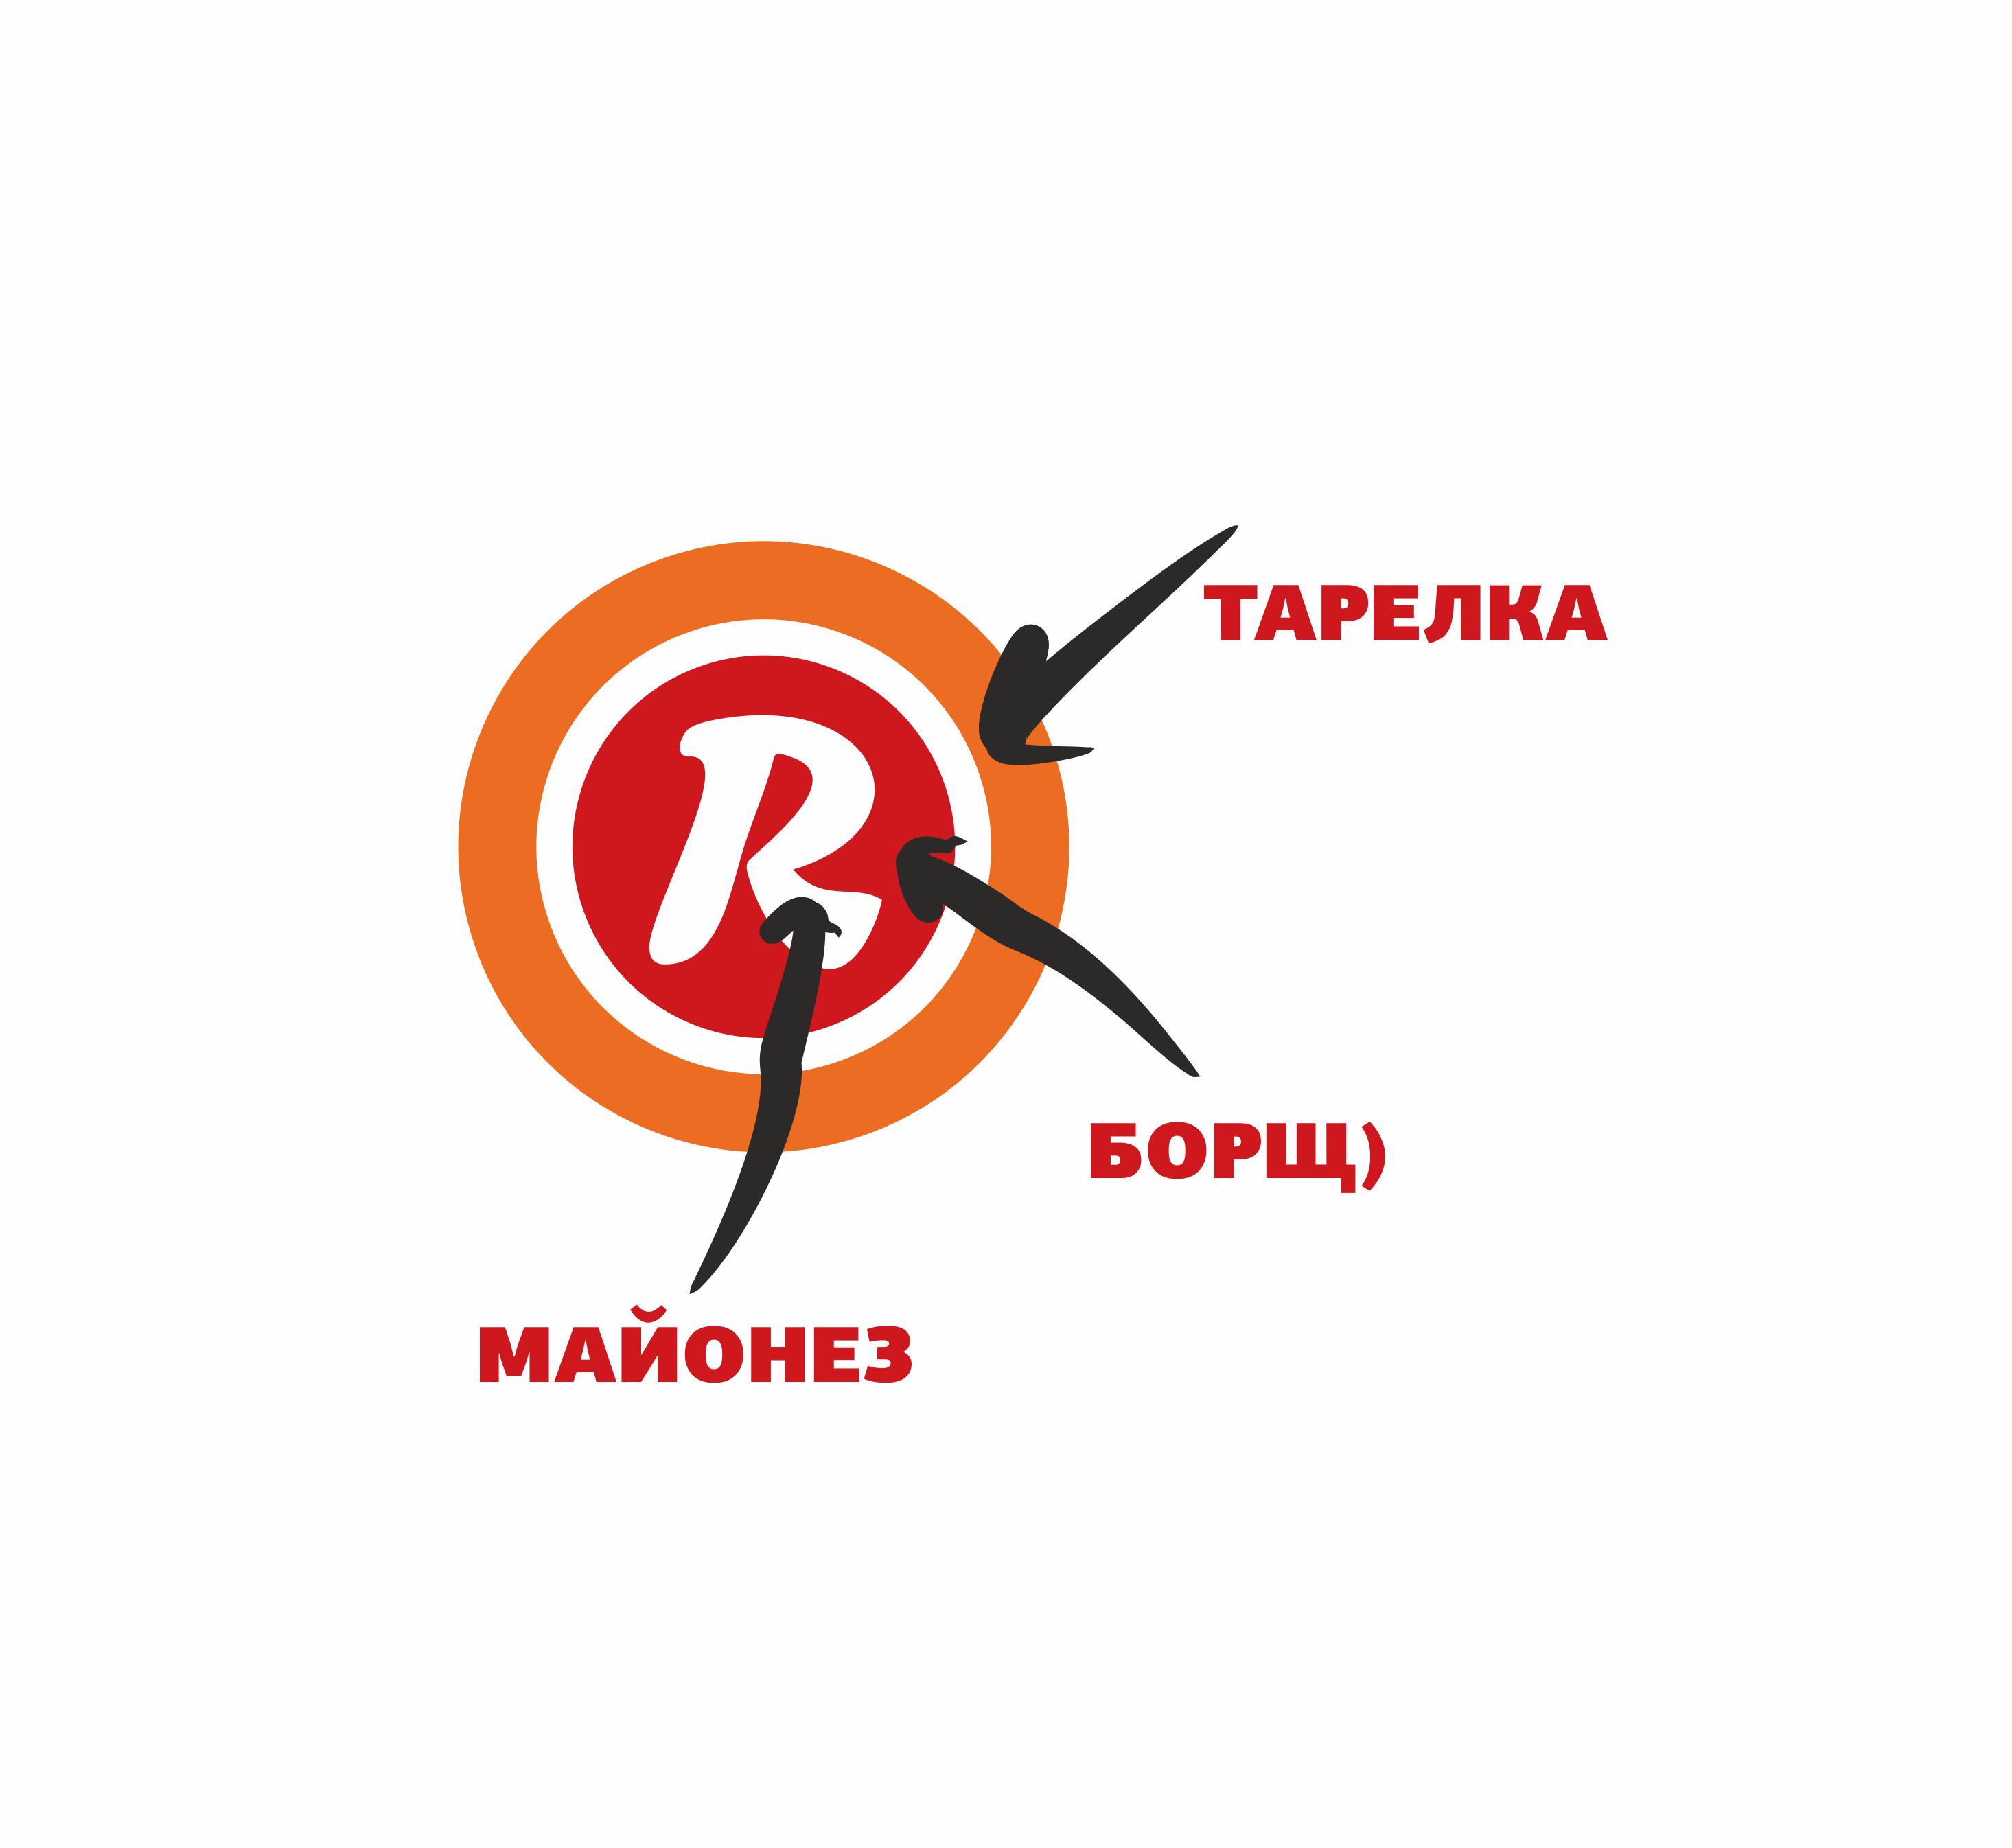 Обновление логотипа фото f_17159c94a5b21fec.png